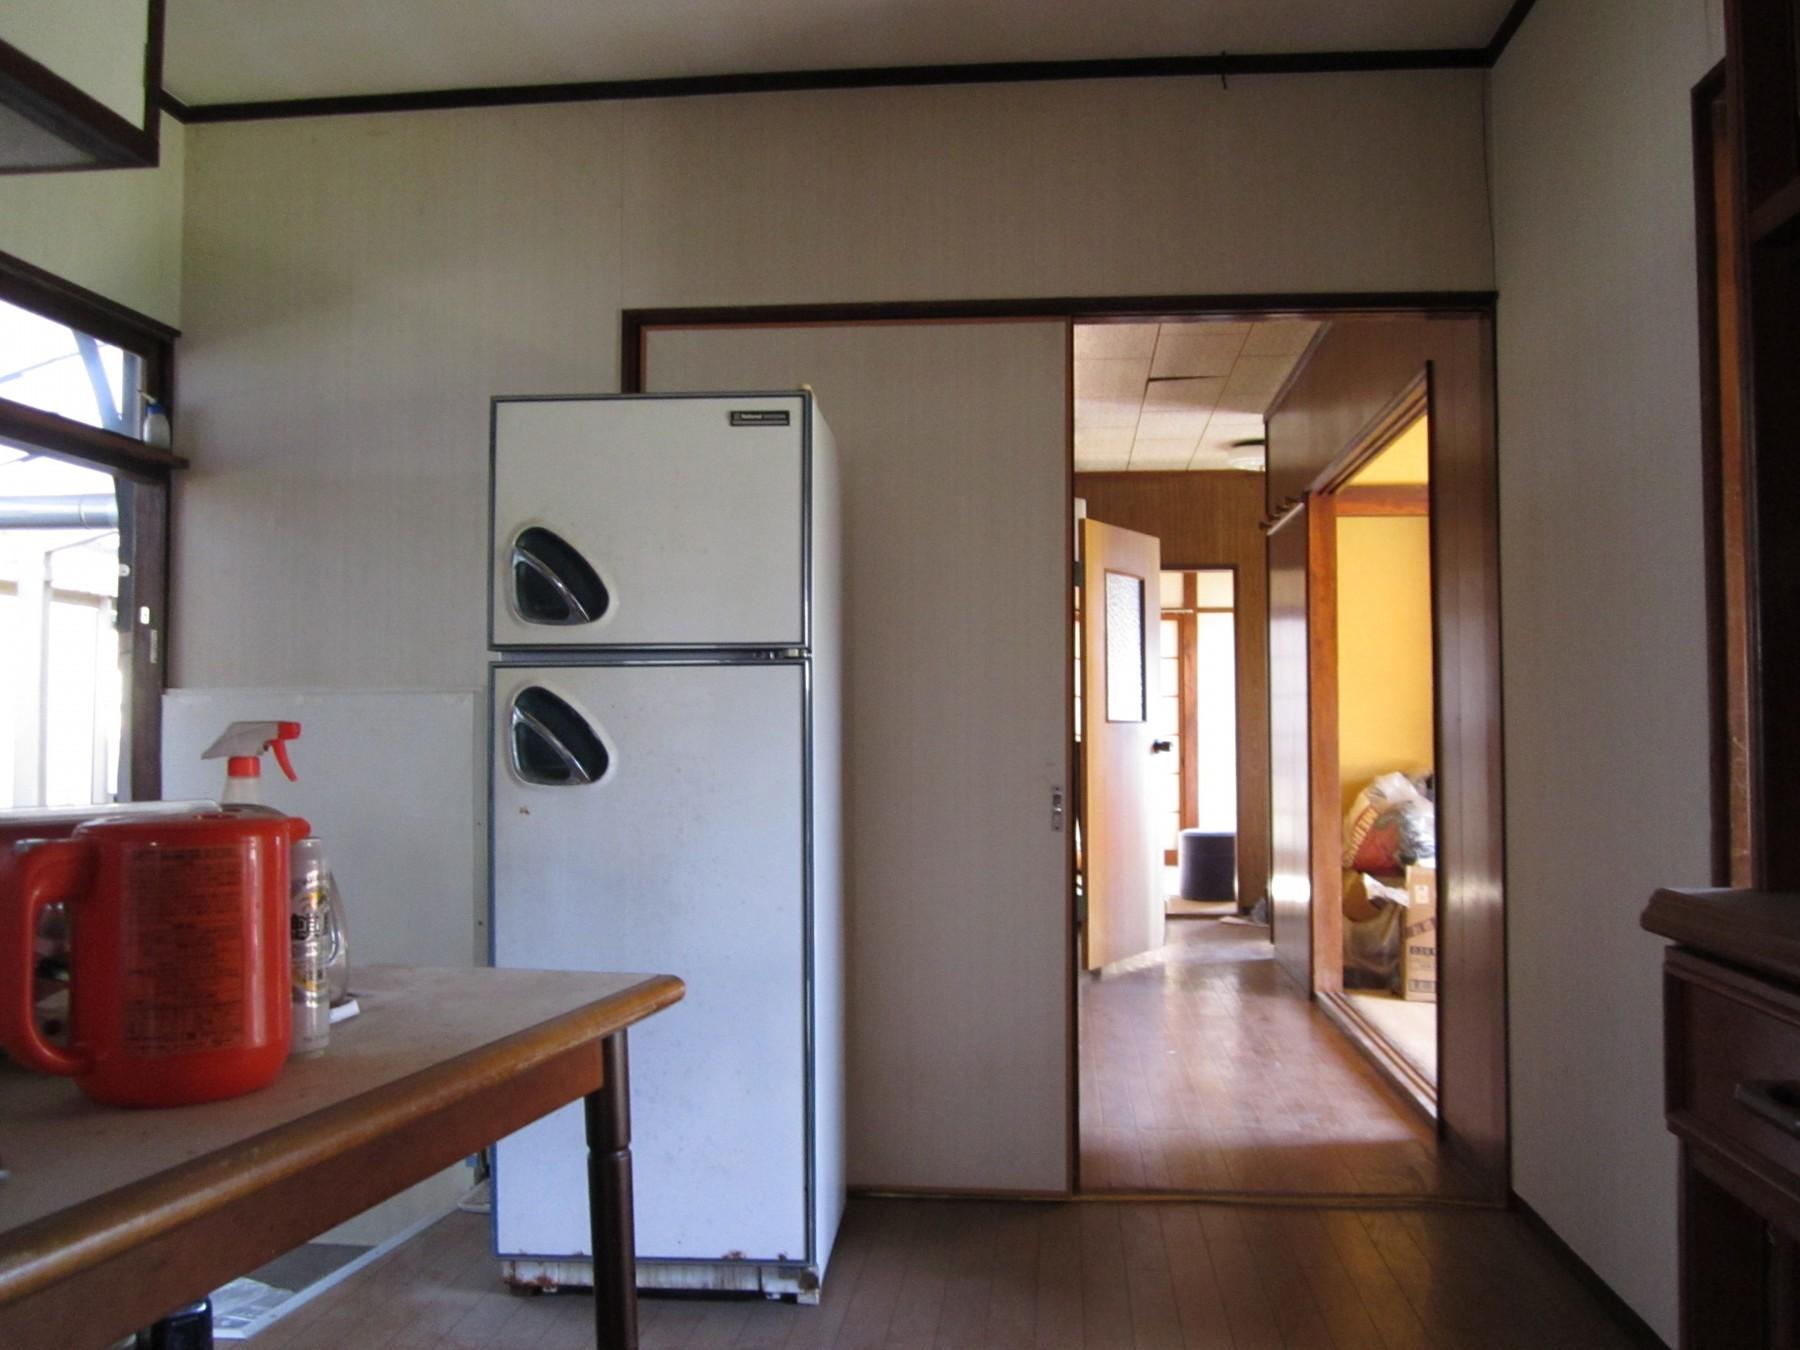 大分市S様邸中古住宅リノベーションビフォー写真